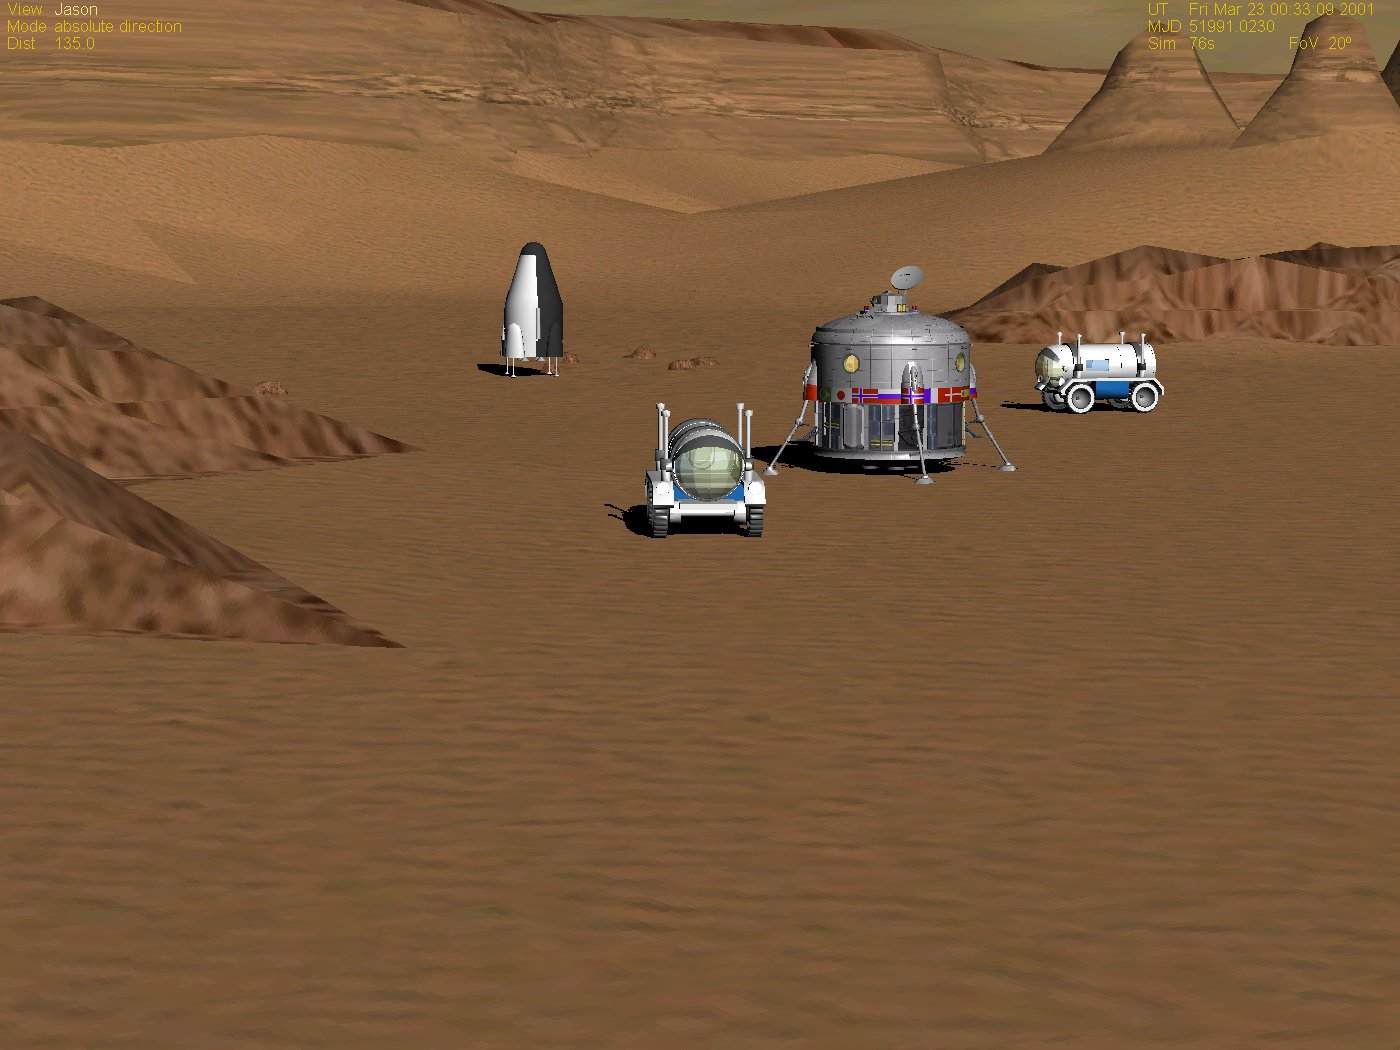 Mars direct